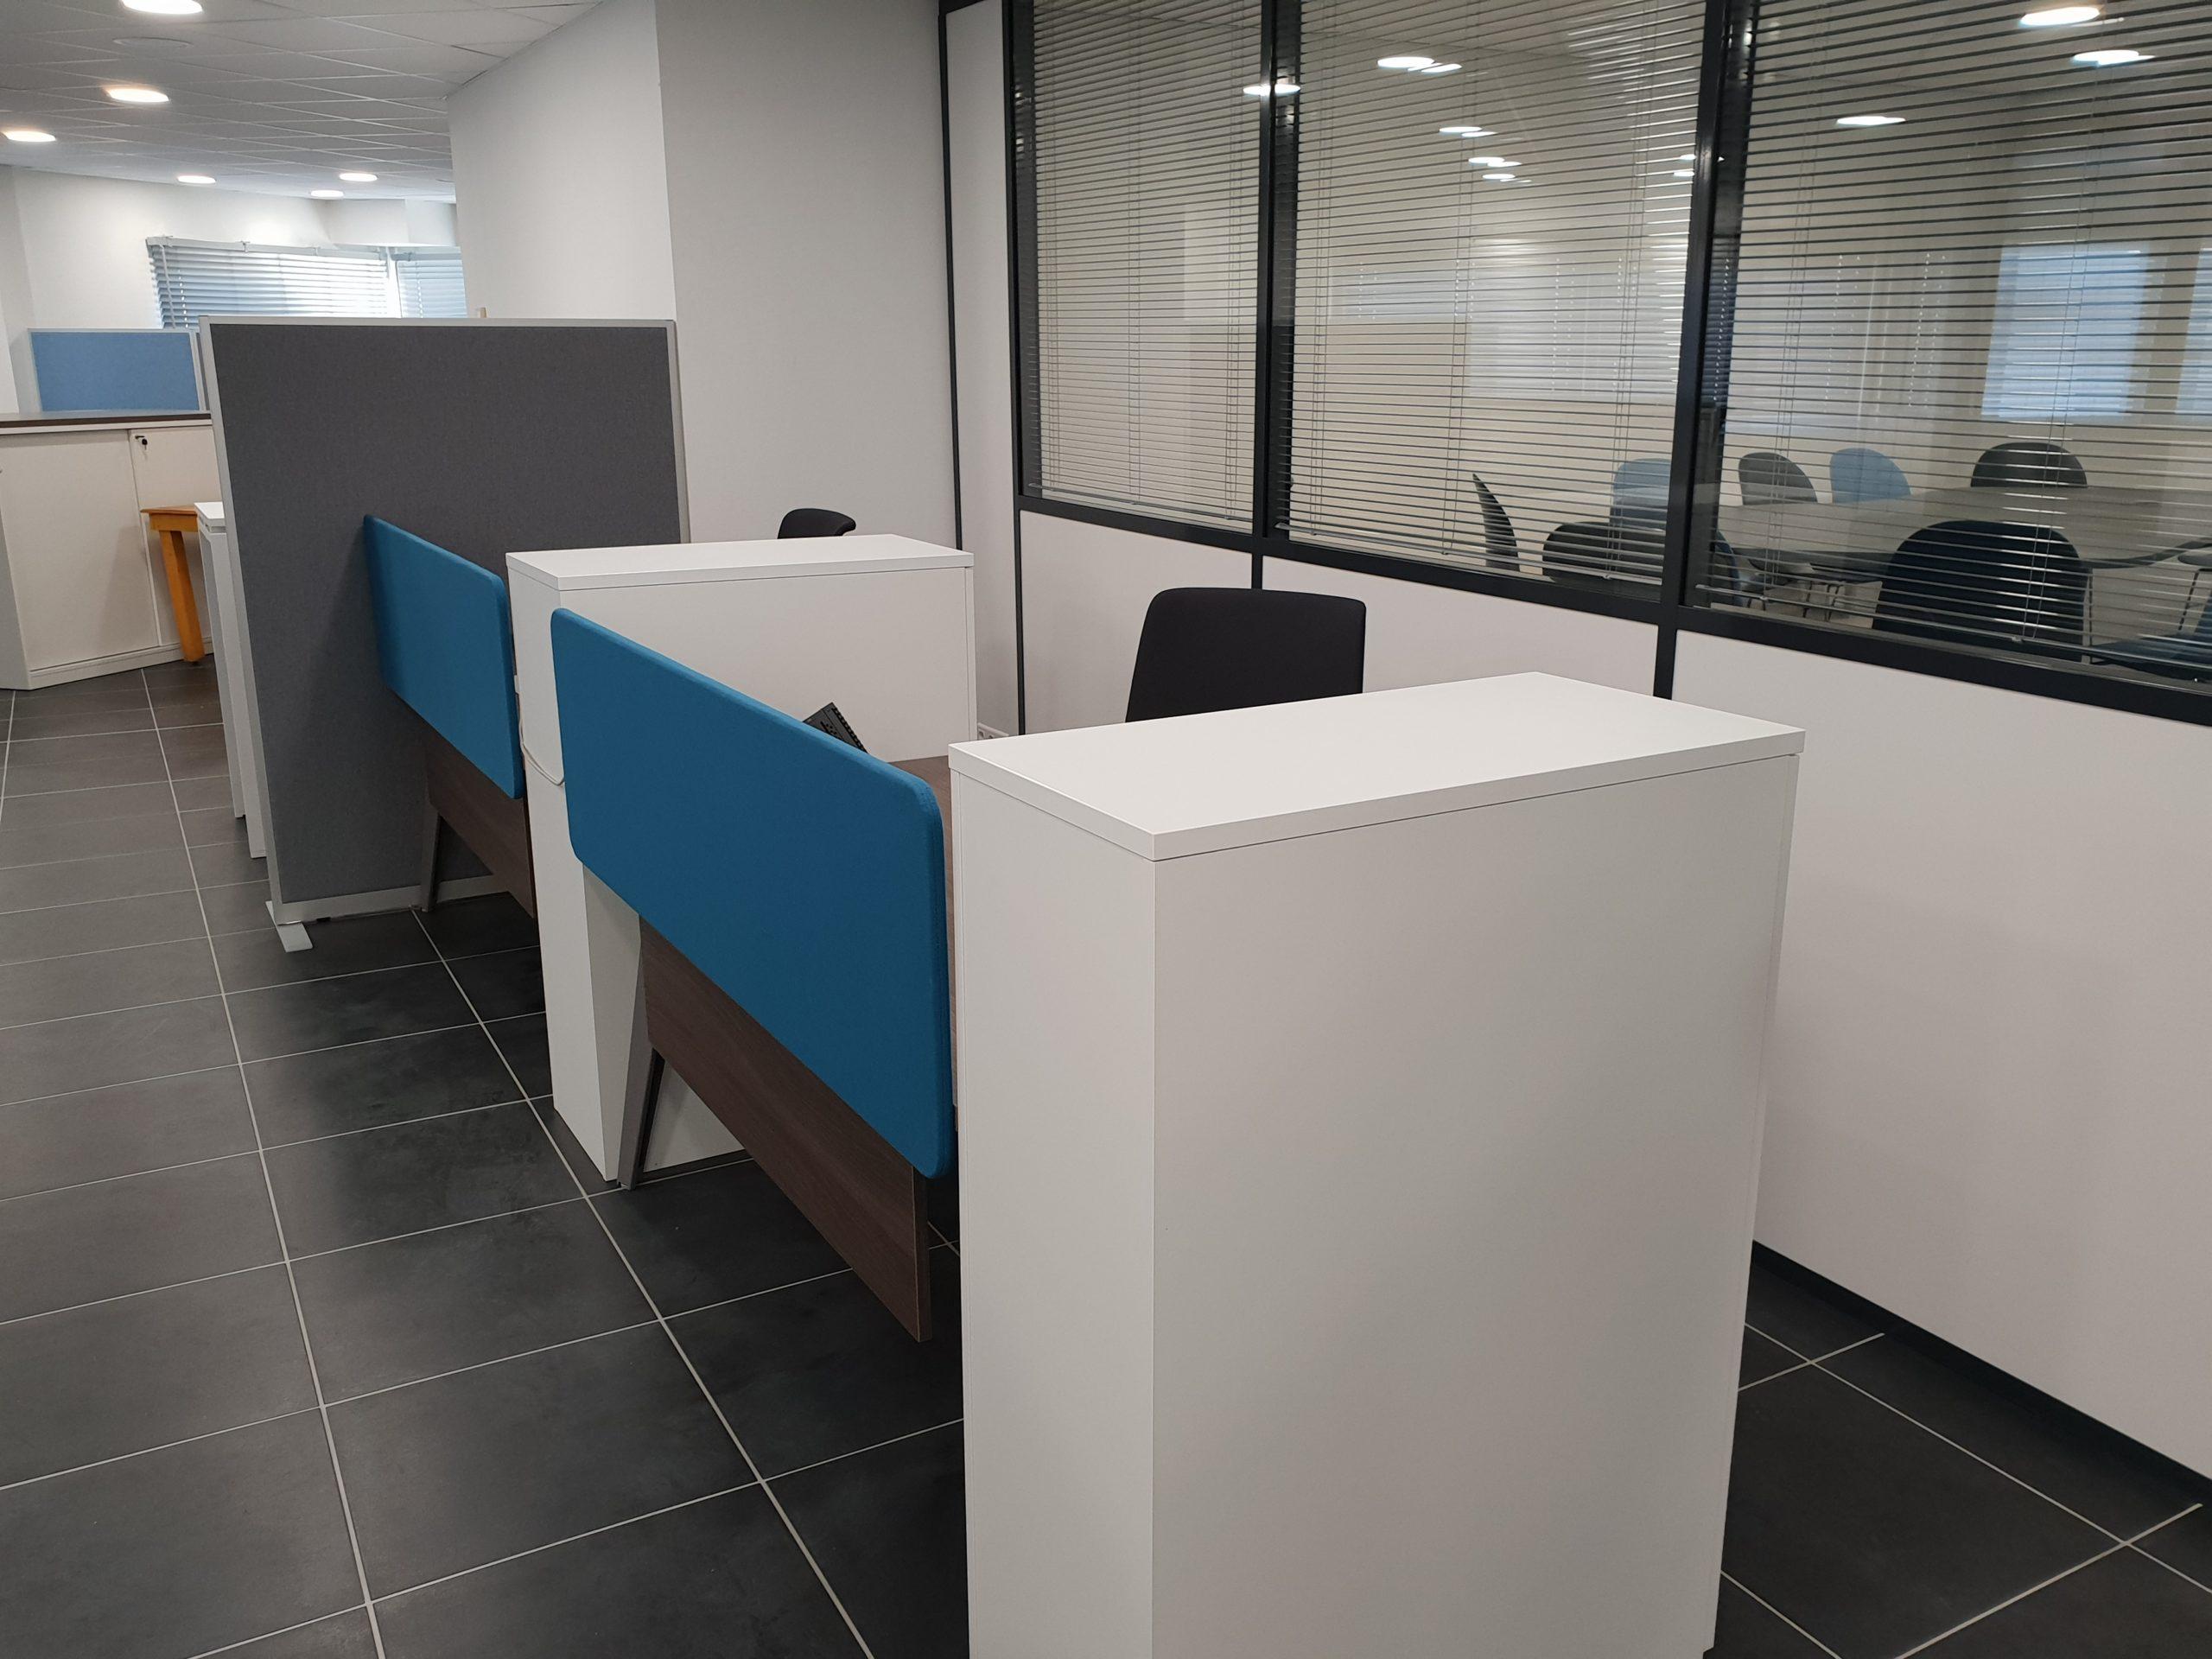 Bureaux Isolés